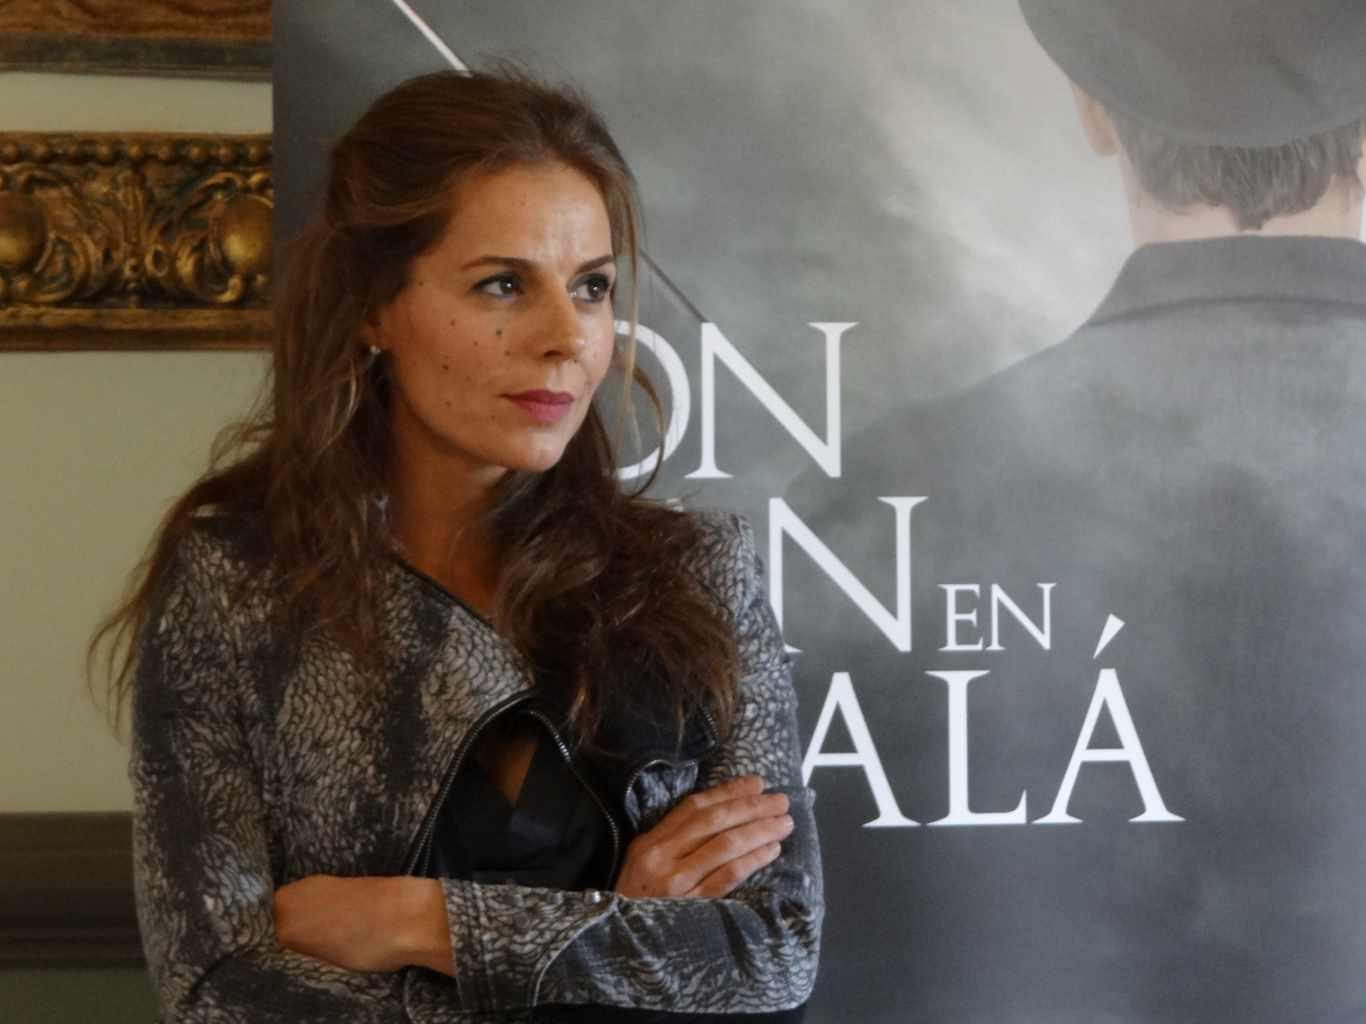 Presentación Don Juan en Alcalá 2015 (40)